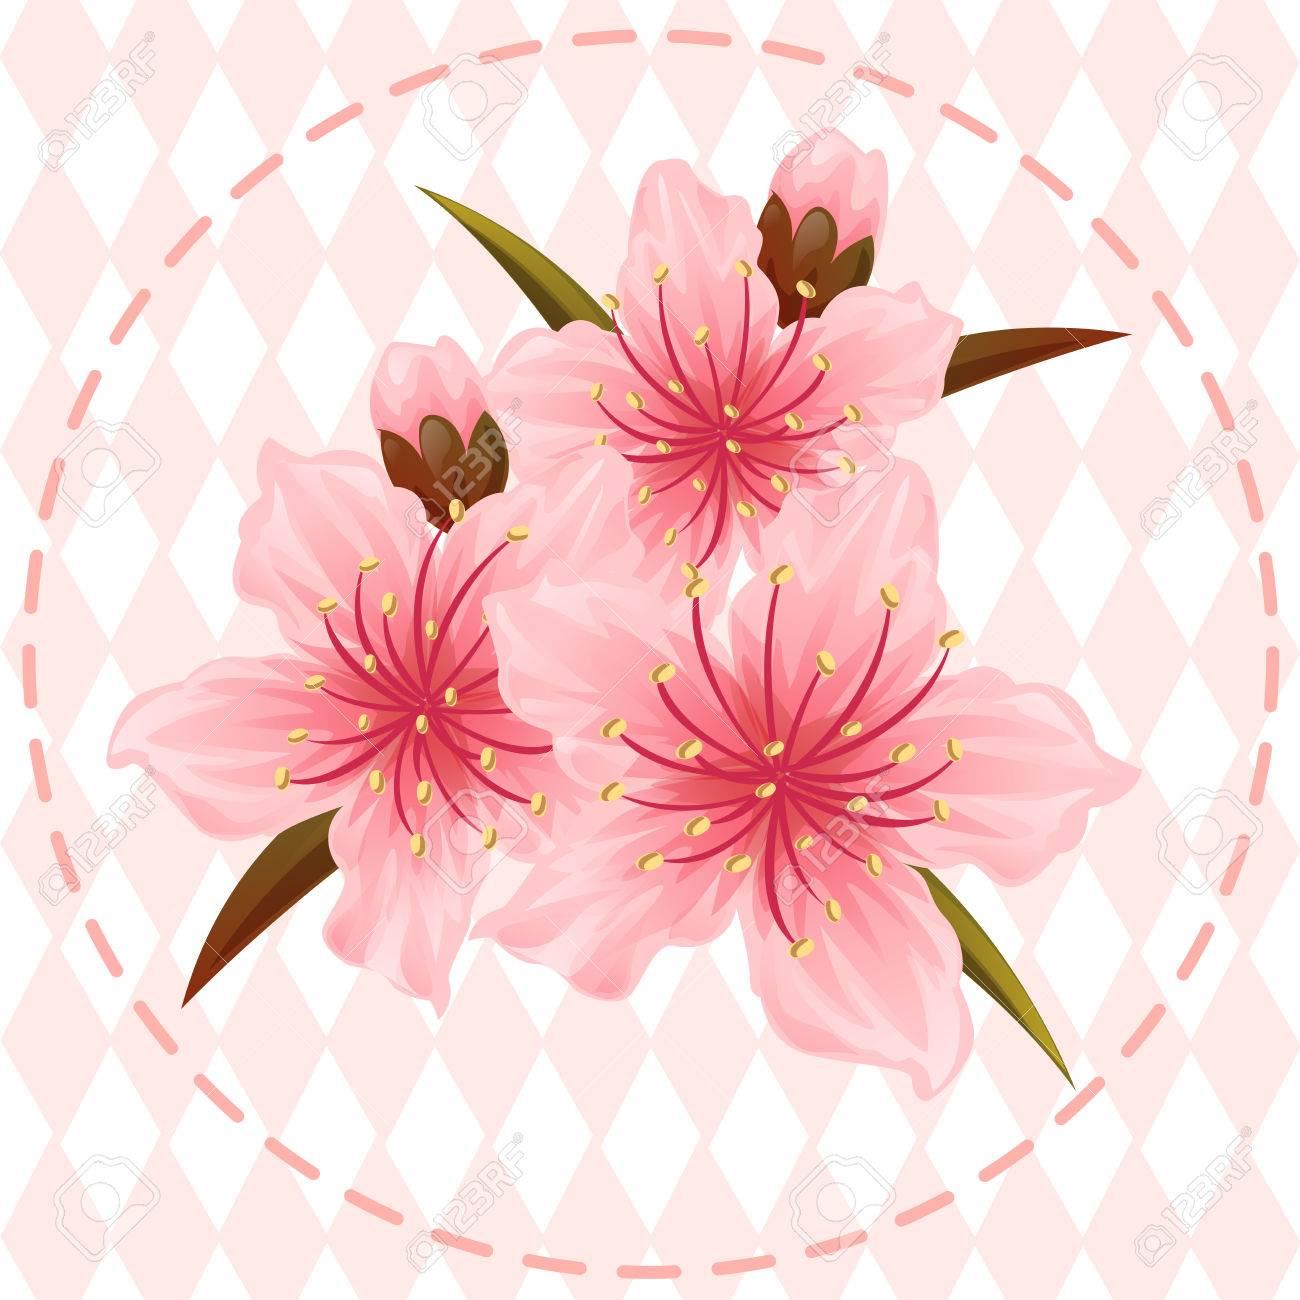 桃の花の花イラストのイラスト素材ベクタ Image 60130838